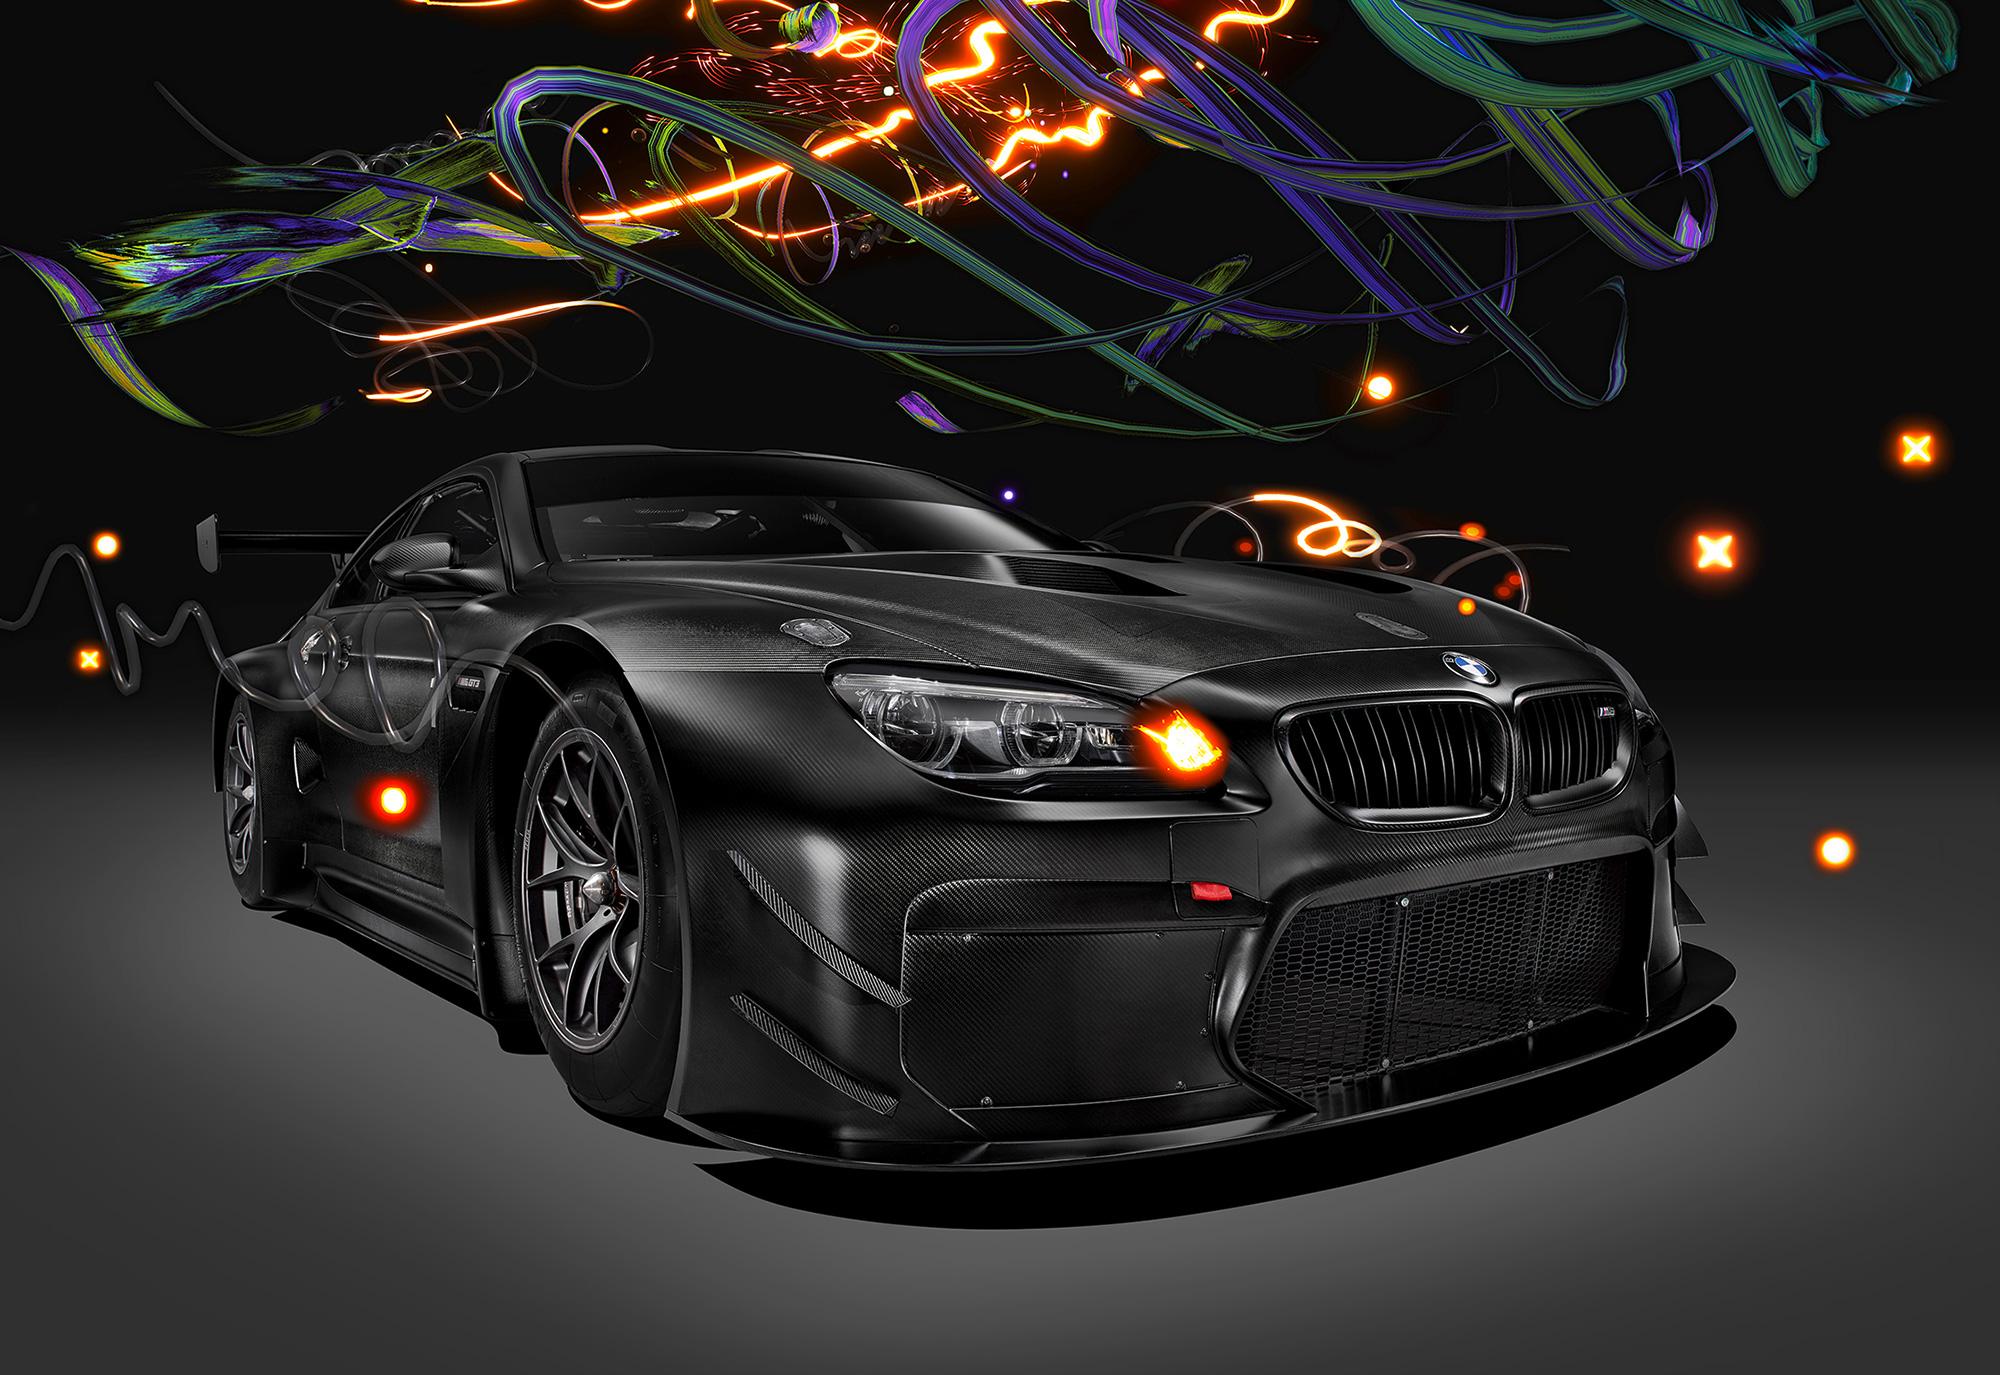 P90259905_highRes_bmw-art-car-18-by-ca.jpg